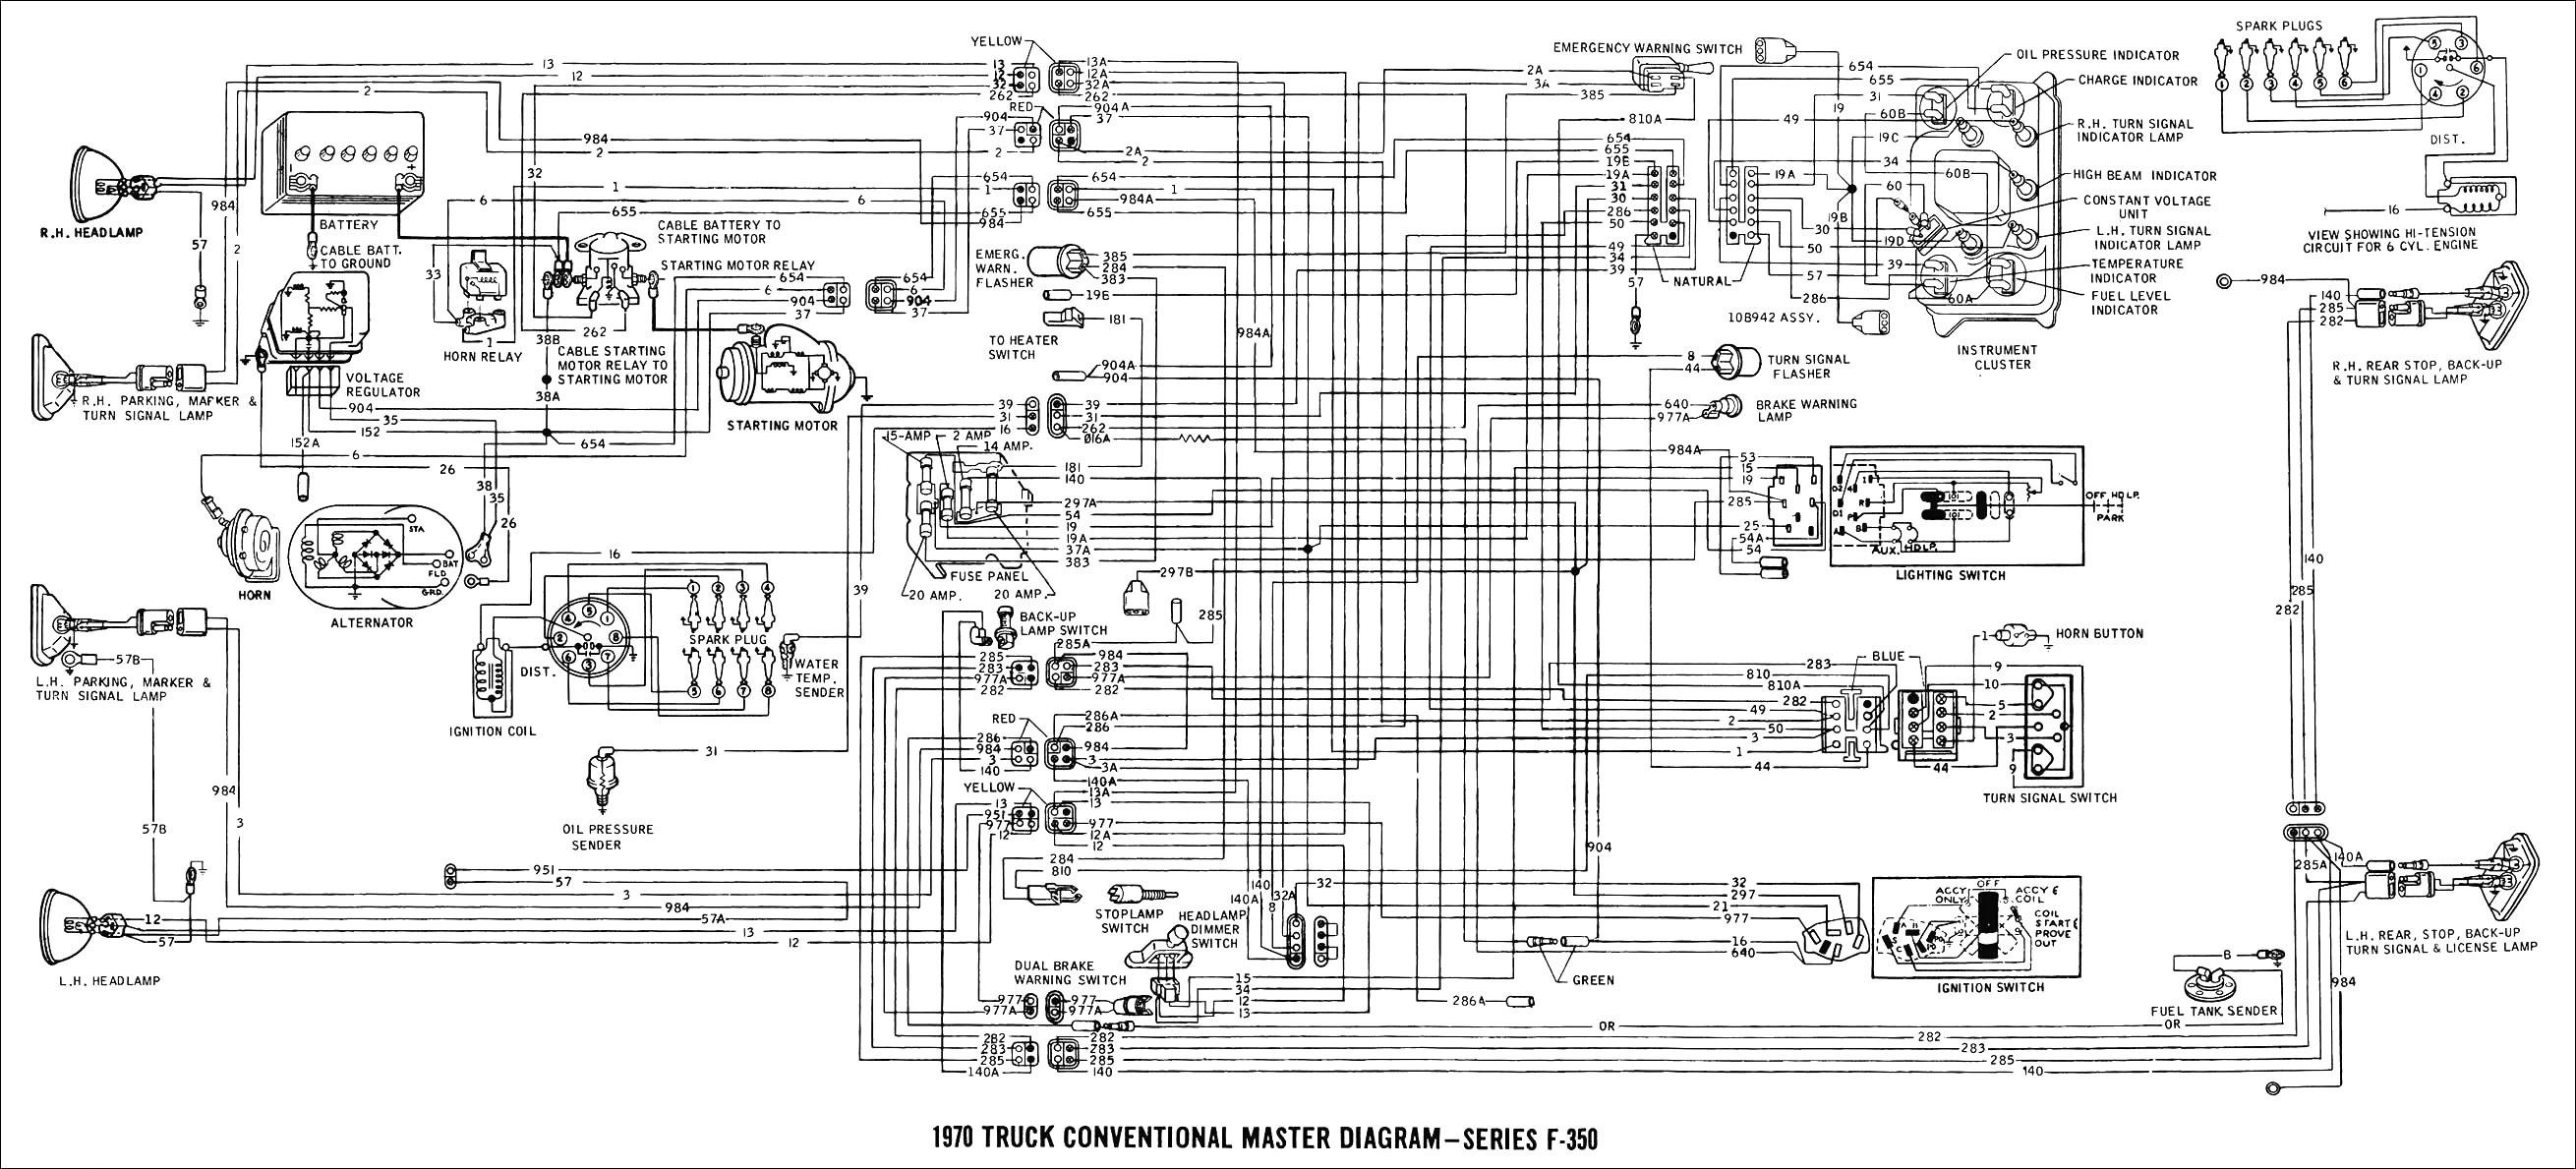 Yamaha Banshee Engine Diagram Yamaha Banshee Wiring Diagram Collection Of Yamaha Banshee Engine Diagram